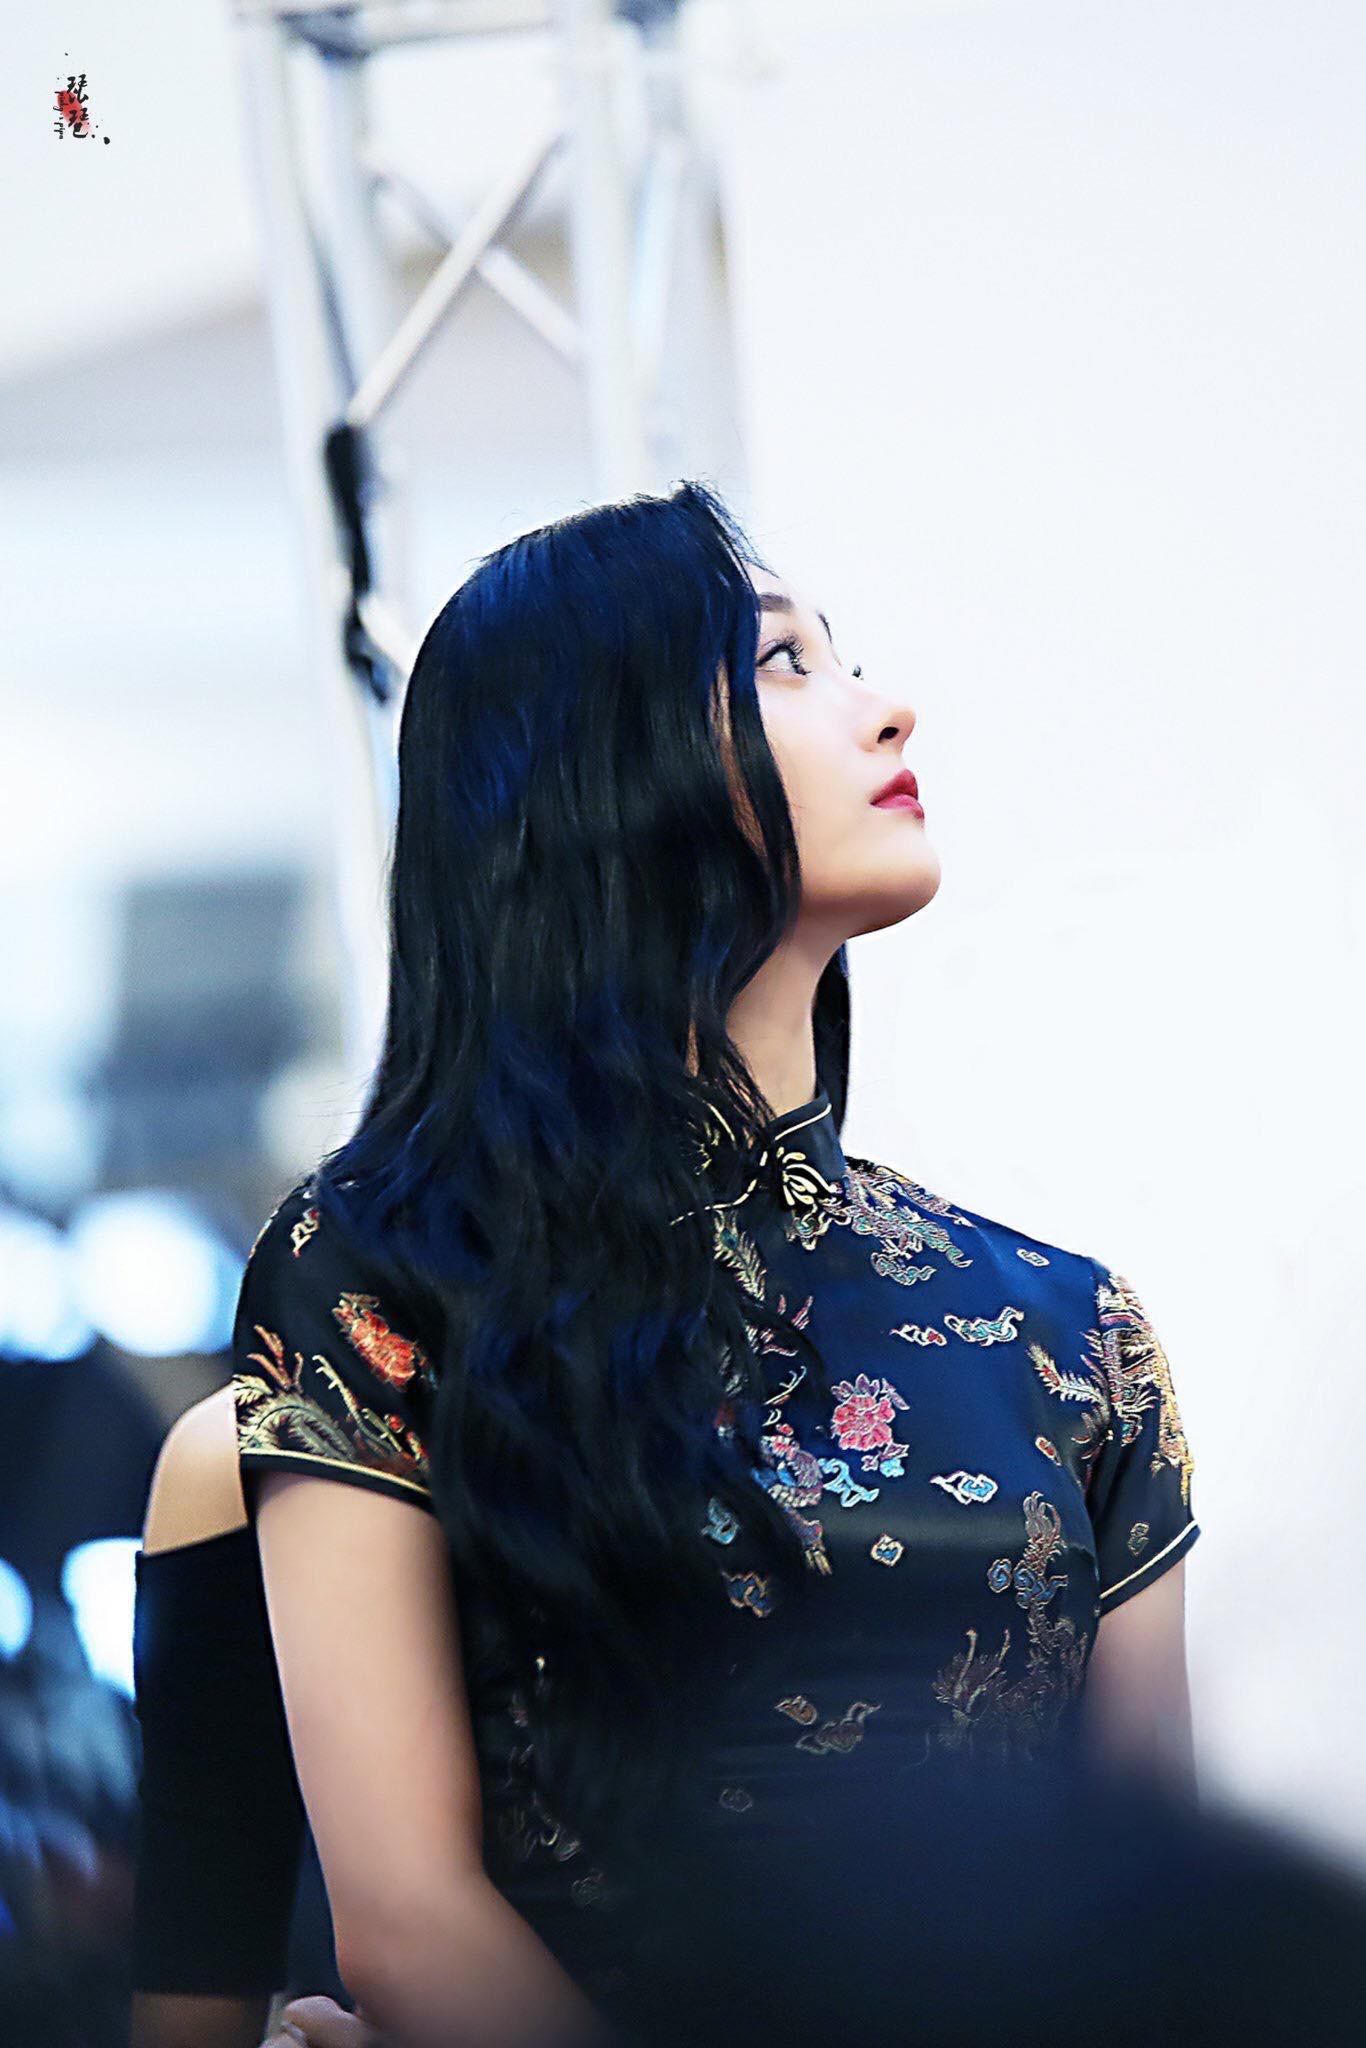 Mỹ nhân Kpop bỗng gây sốt vì diện sườn xám sang chảnh, khoe góc nghiêng quá xuất sắc tại fansign - Ảnh 6.